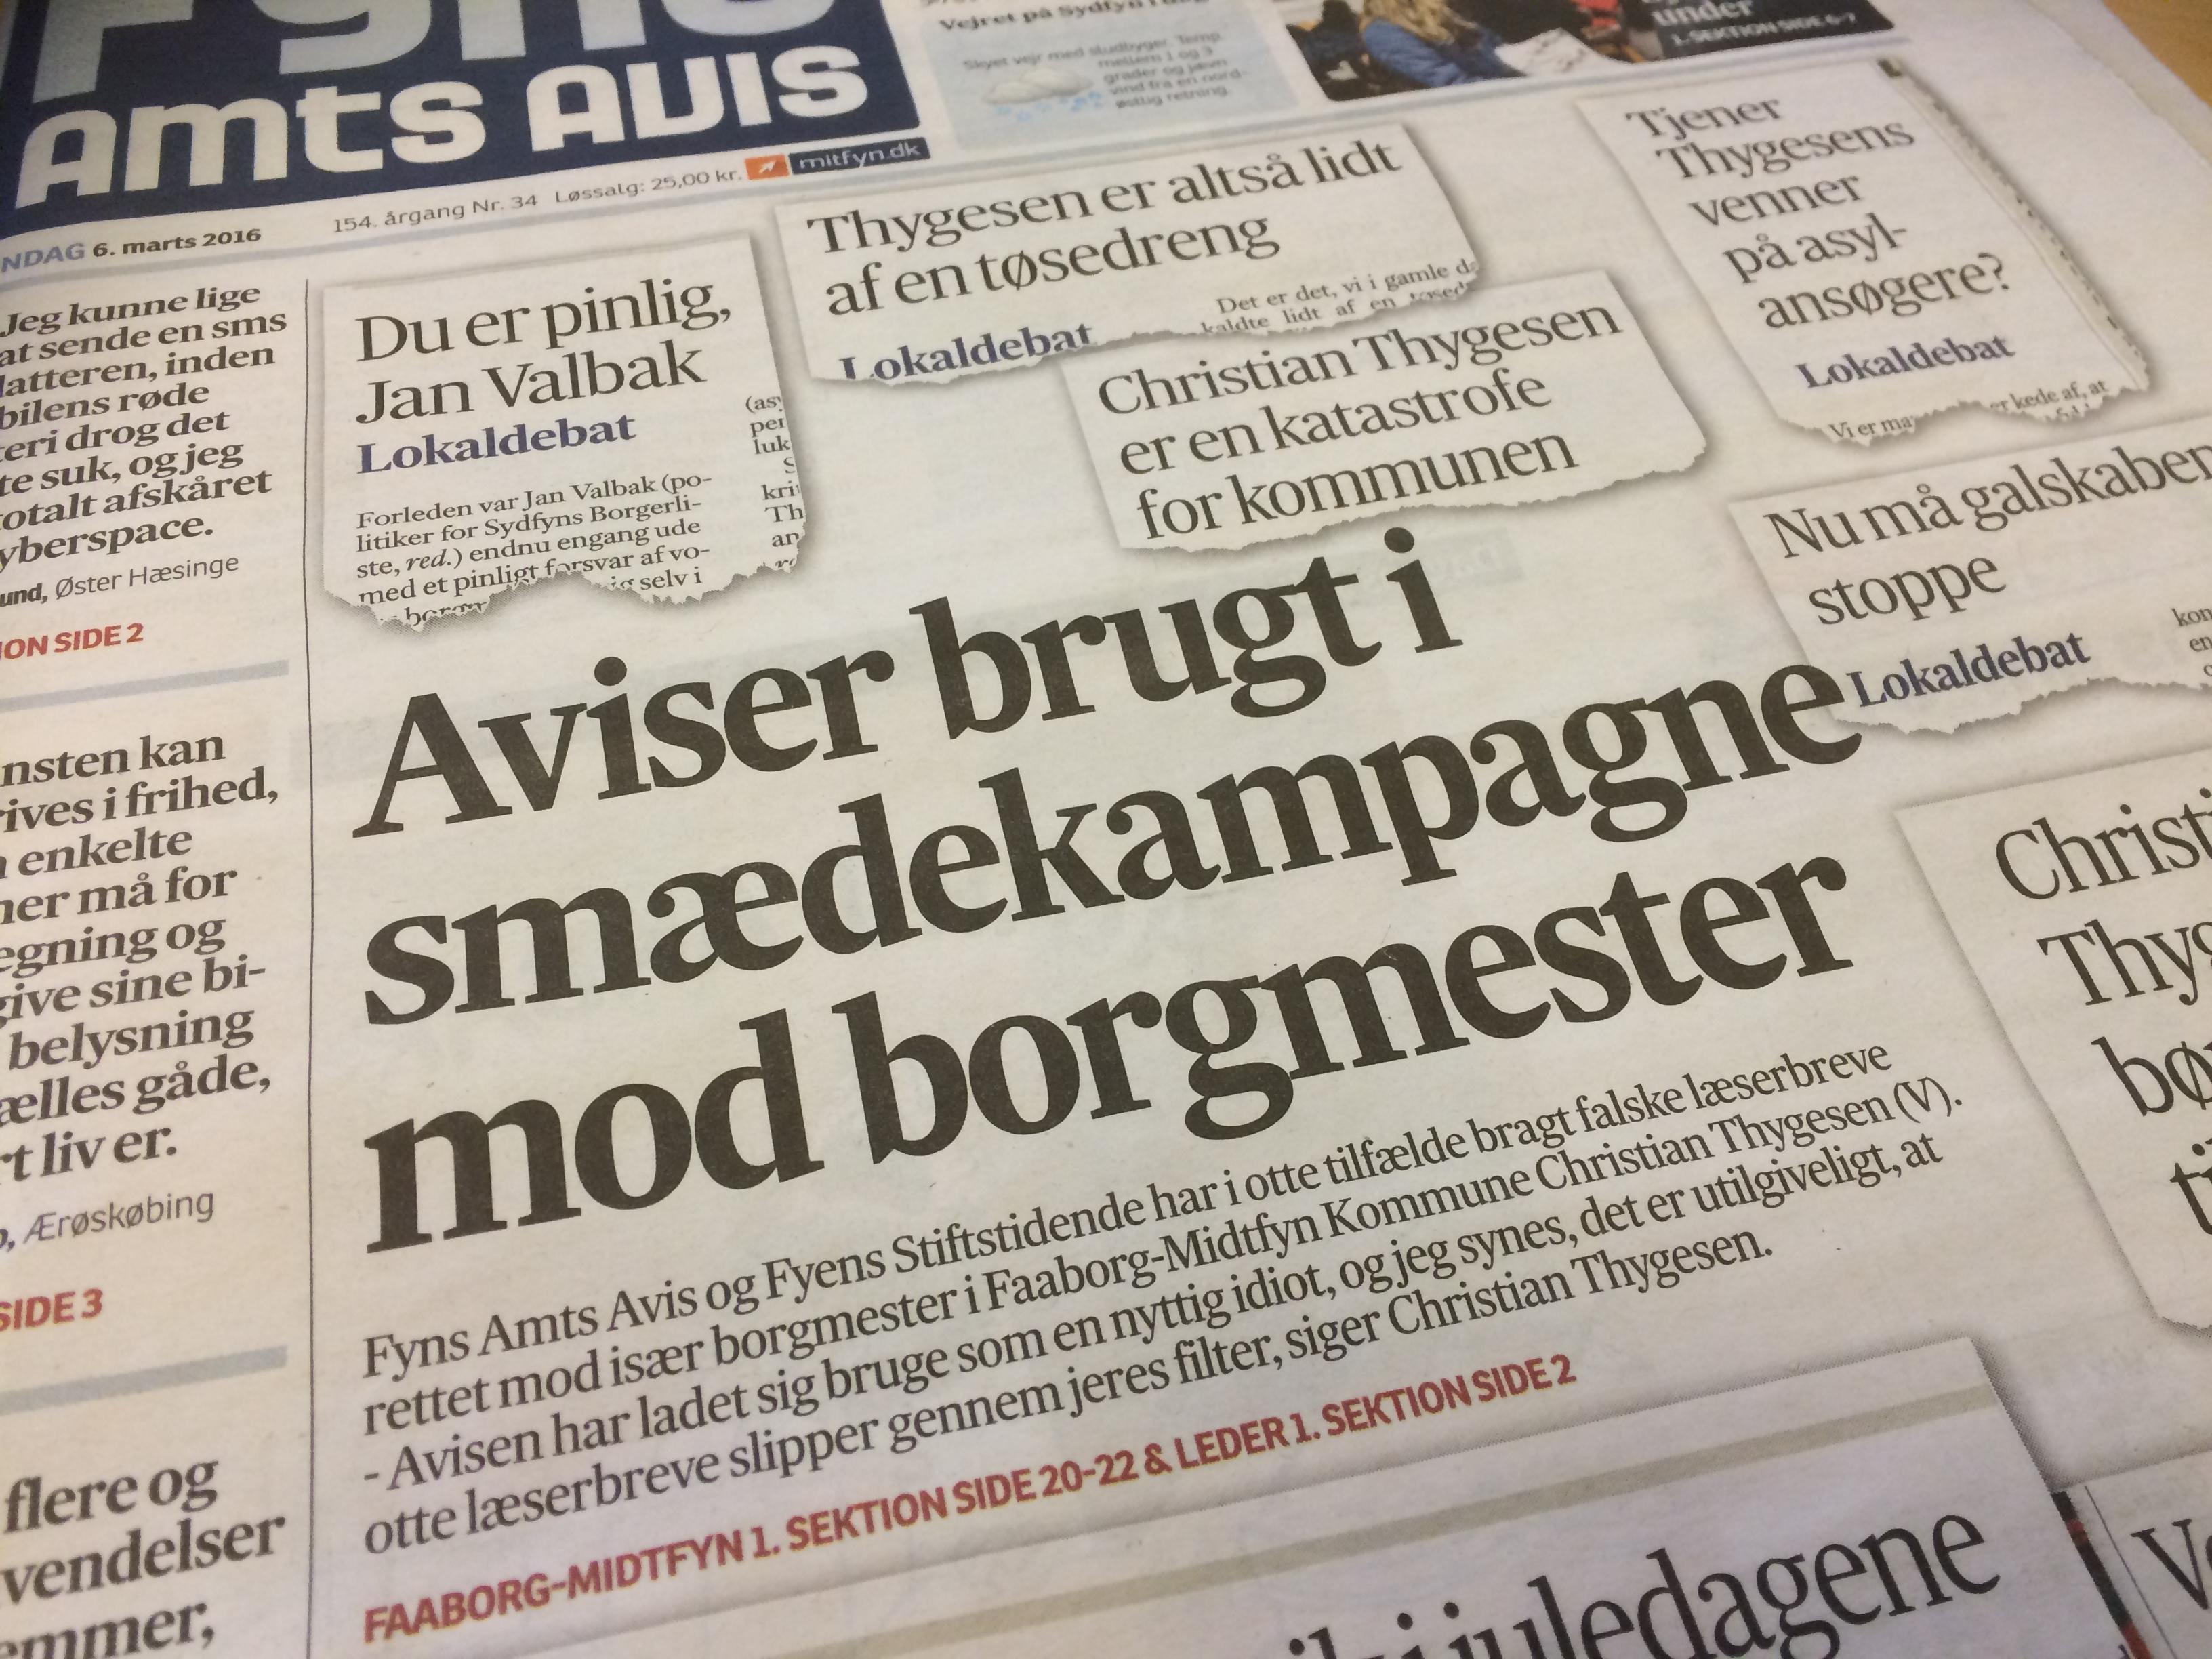 Otte falske læserbreve i fynske aviser